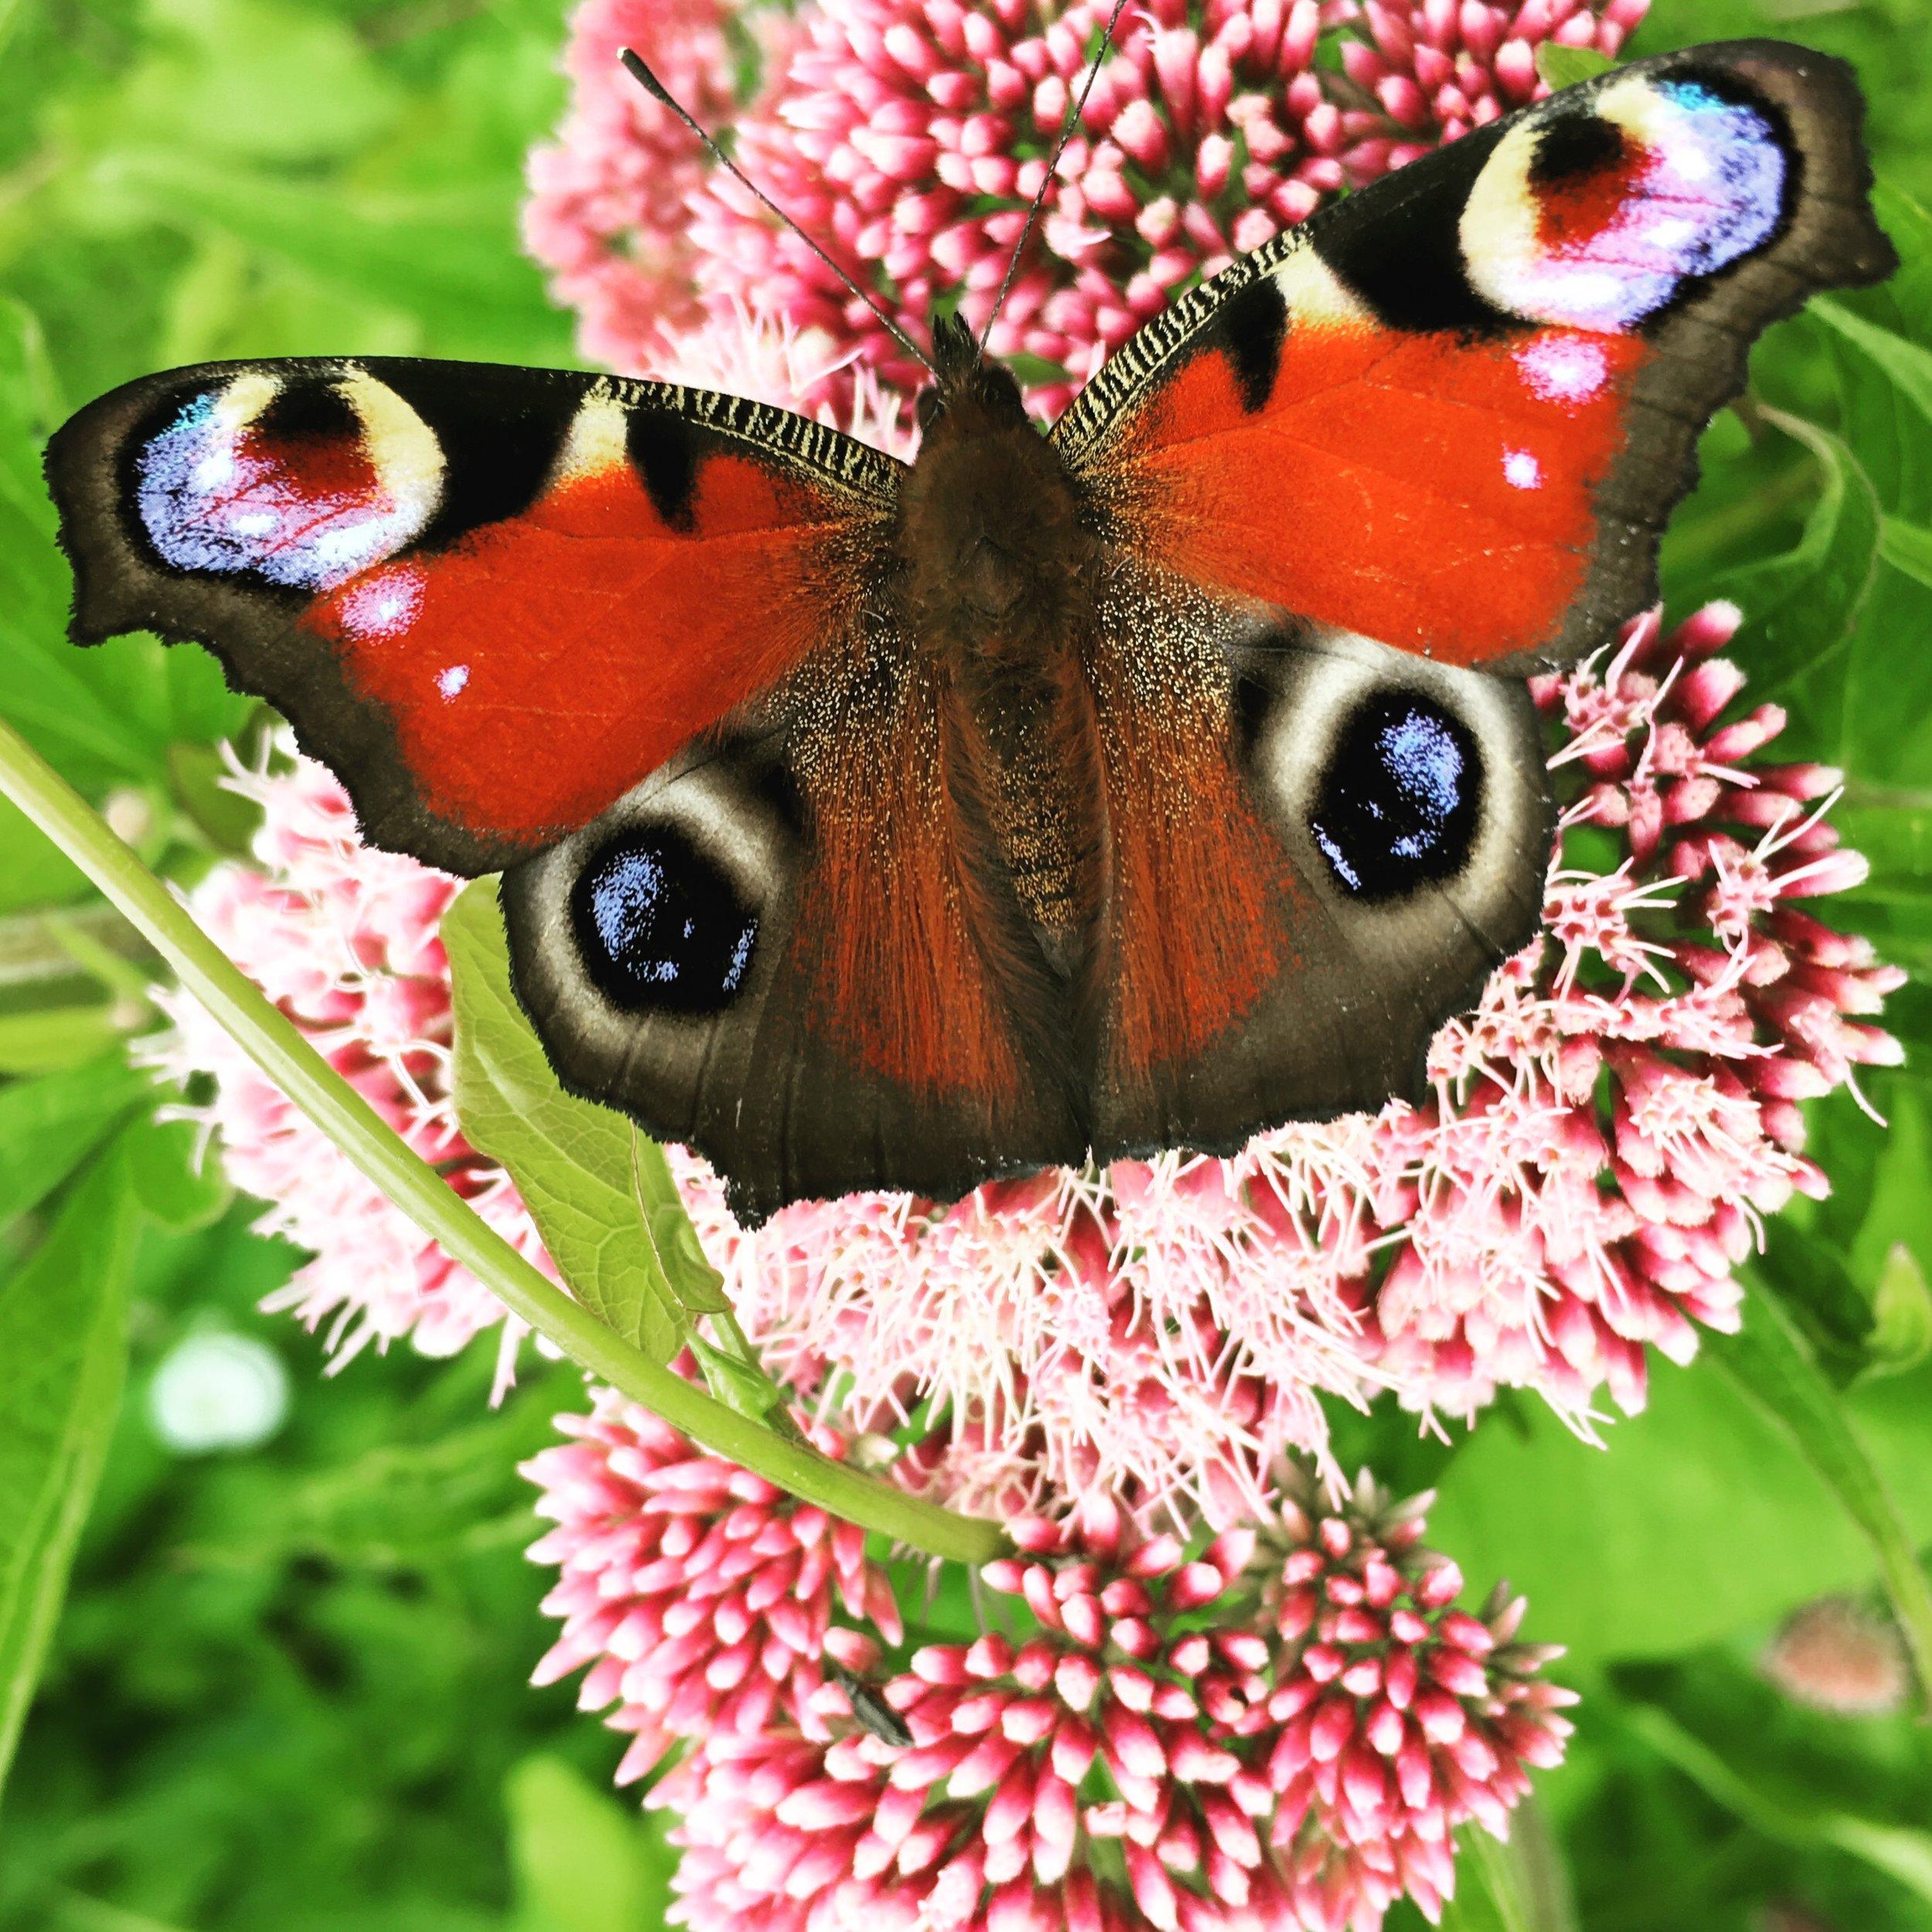 En dagpåfugleøje er landet på rød hjortetrøst, en høj staude der i øjeblikket er fyldt med flaksende sommerfugle. Det er en af de sommerfugle, der kun lægger deres æg på brændenælder.